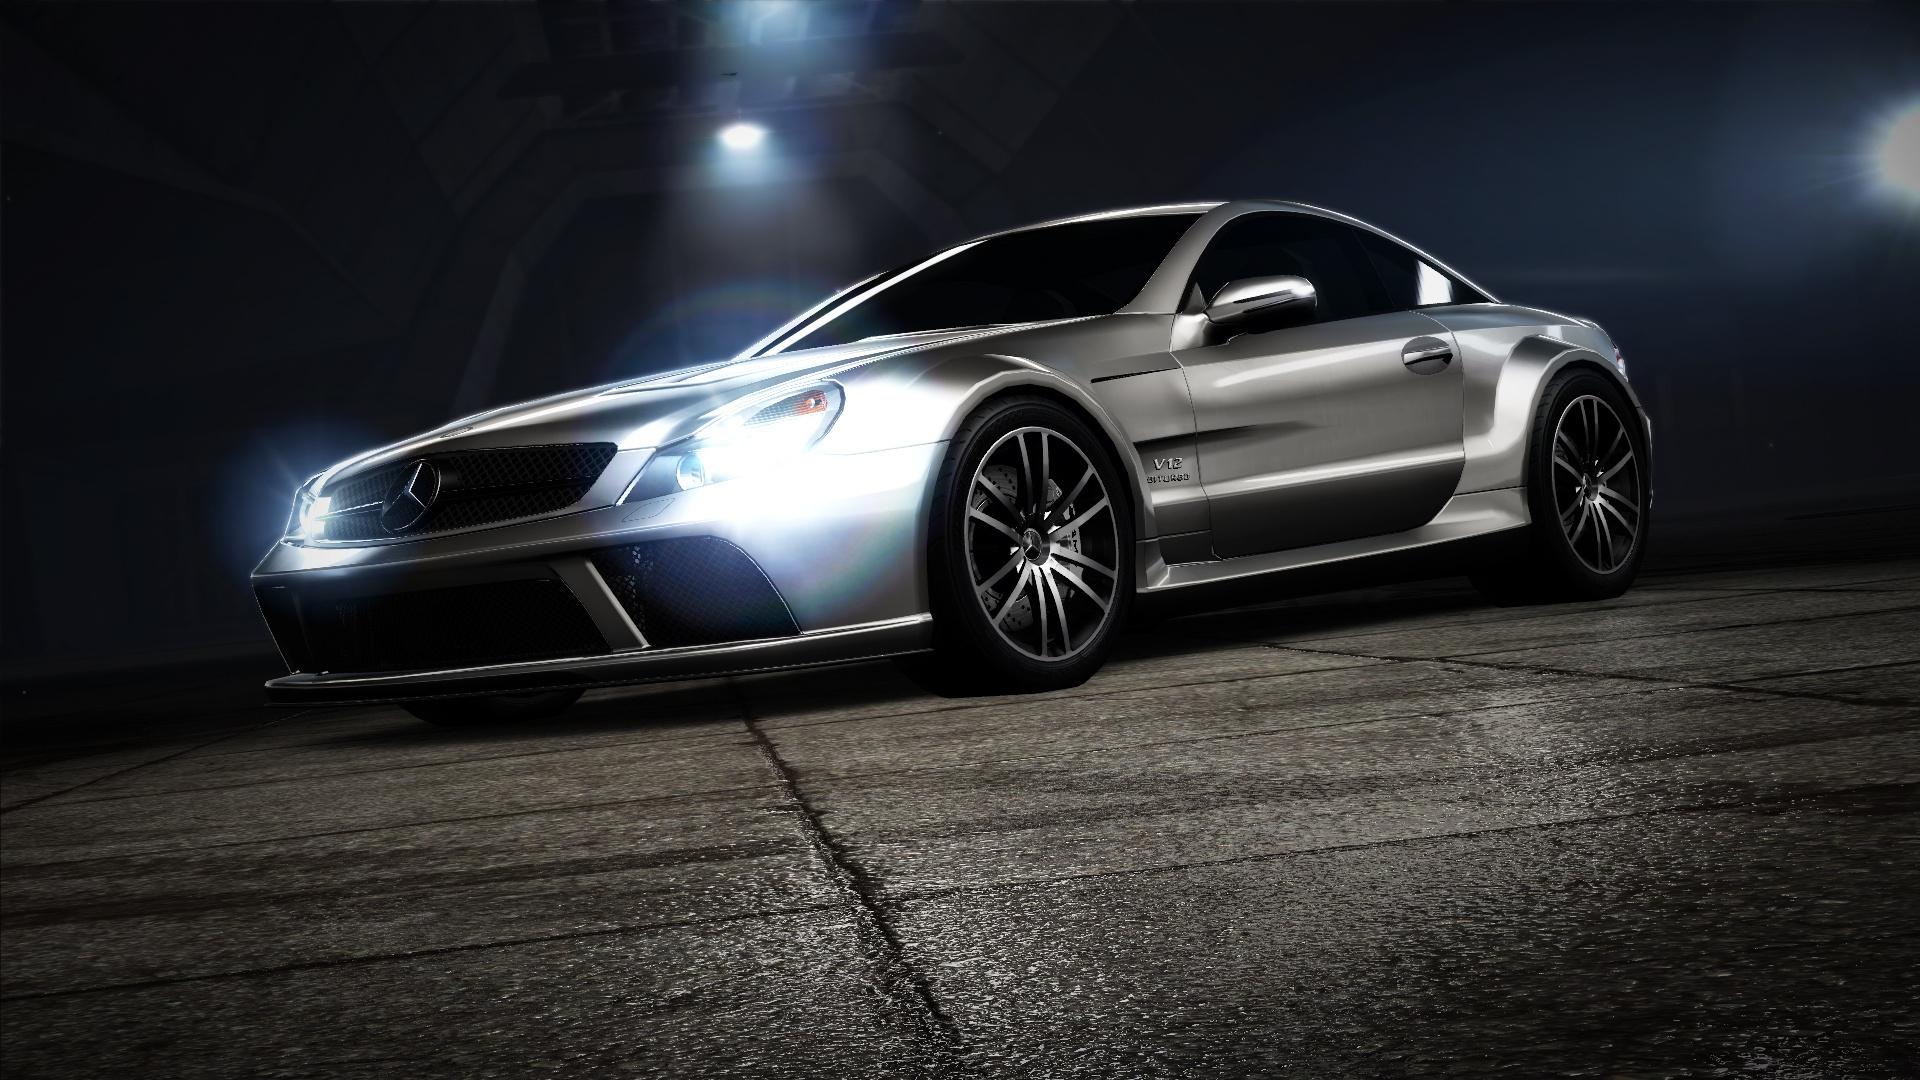 Mercedes Benz Sl 65 Amg Mercedes Benz Fond D Ecran 40214642 Fanpop